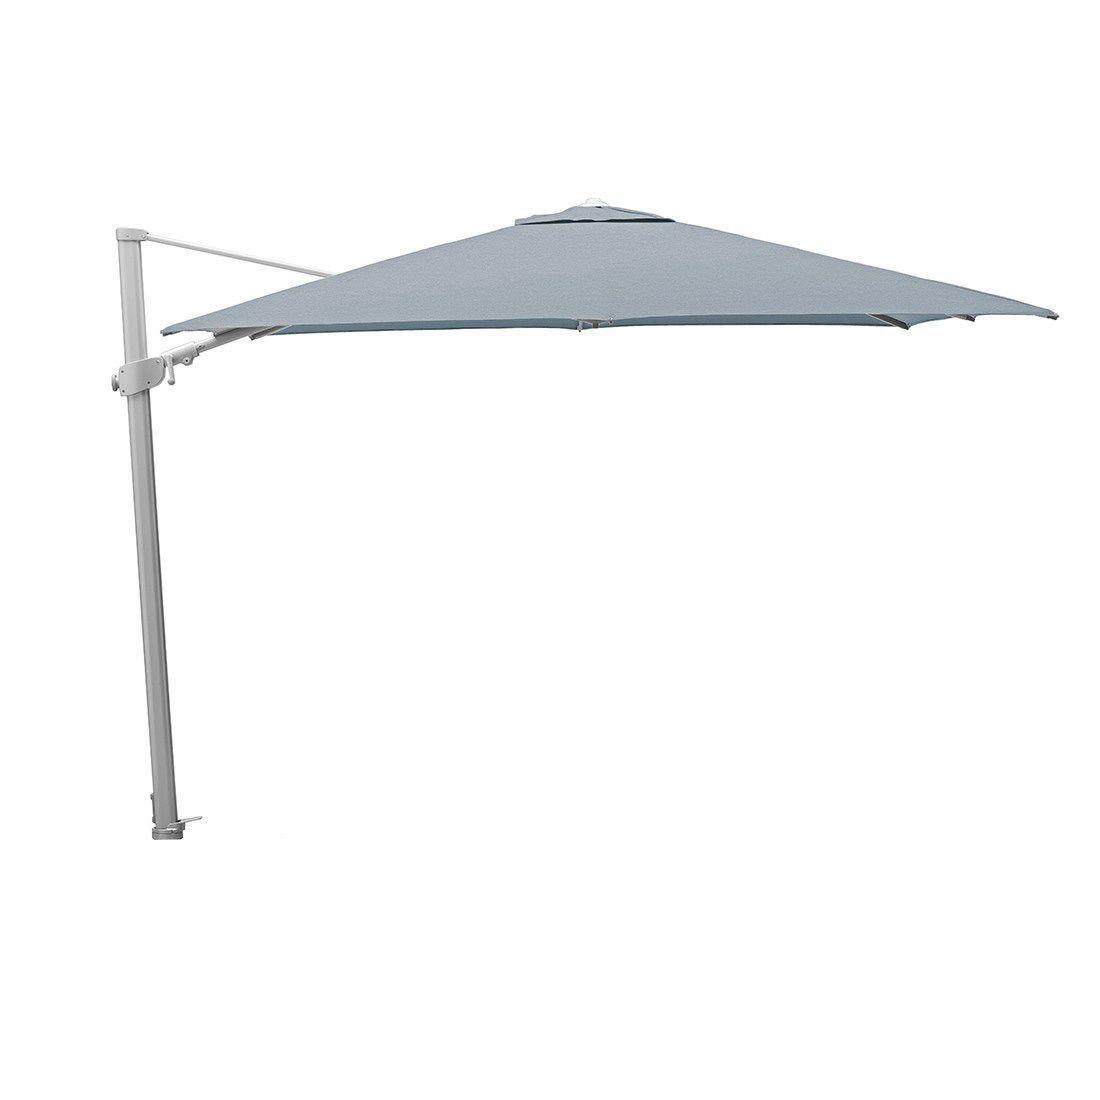 Kettler Easy Swing Ampelschirm 300x300cm Inkl Stander Silber Grau Silber Grau Garten Und Freizeit Ampelschirm Graue Garten Sonnenschirm Ampelschirm